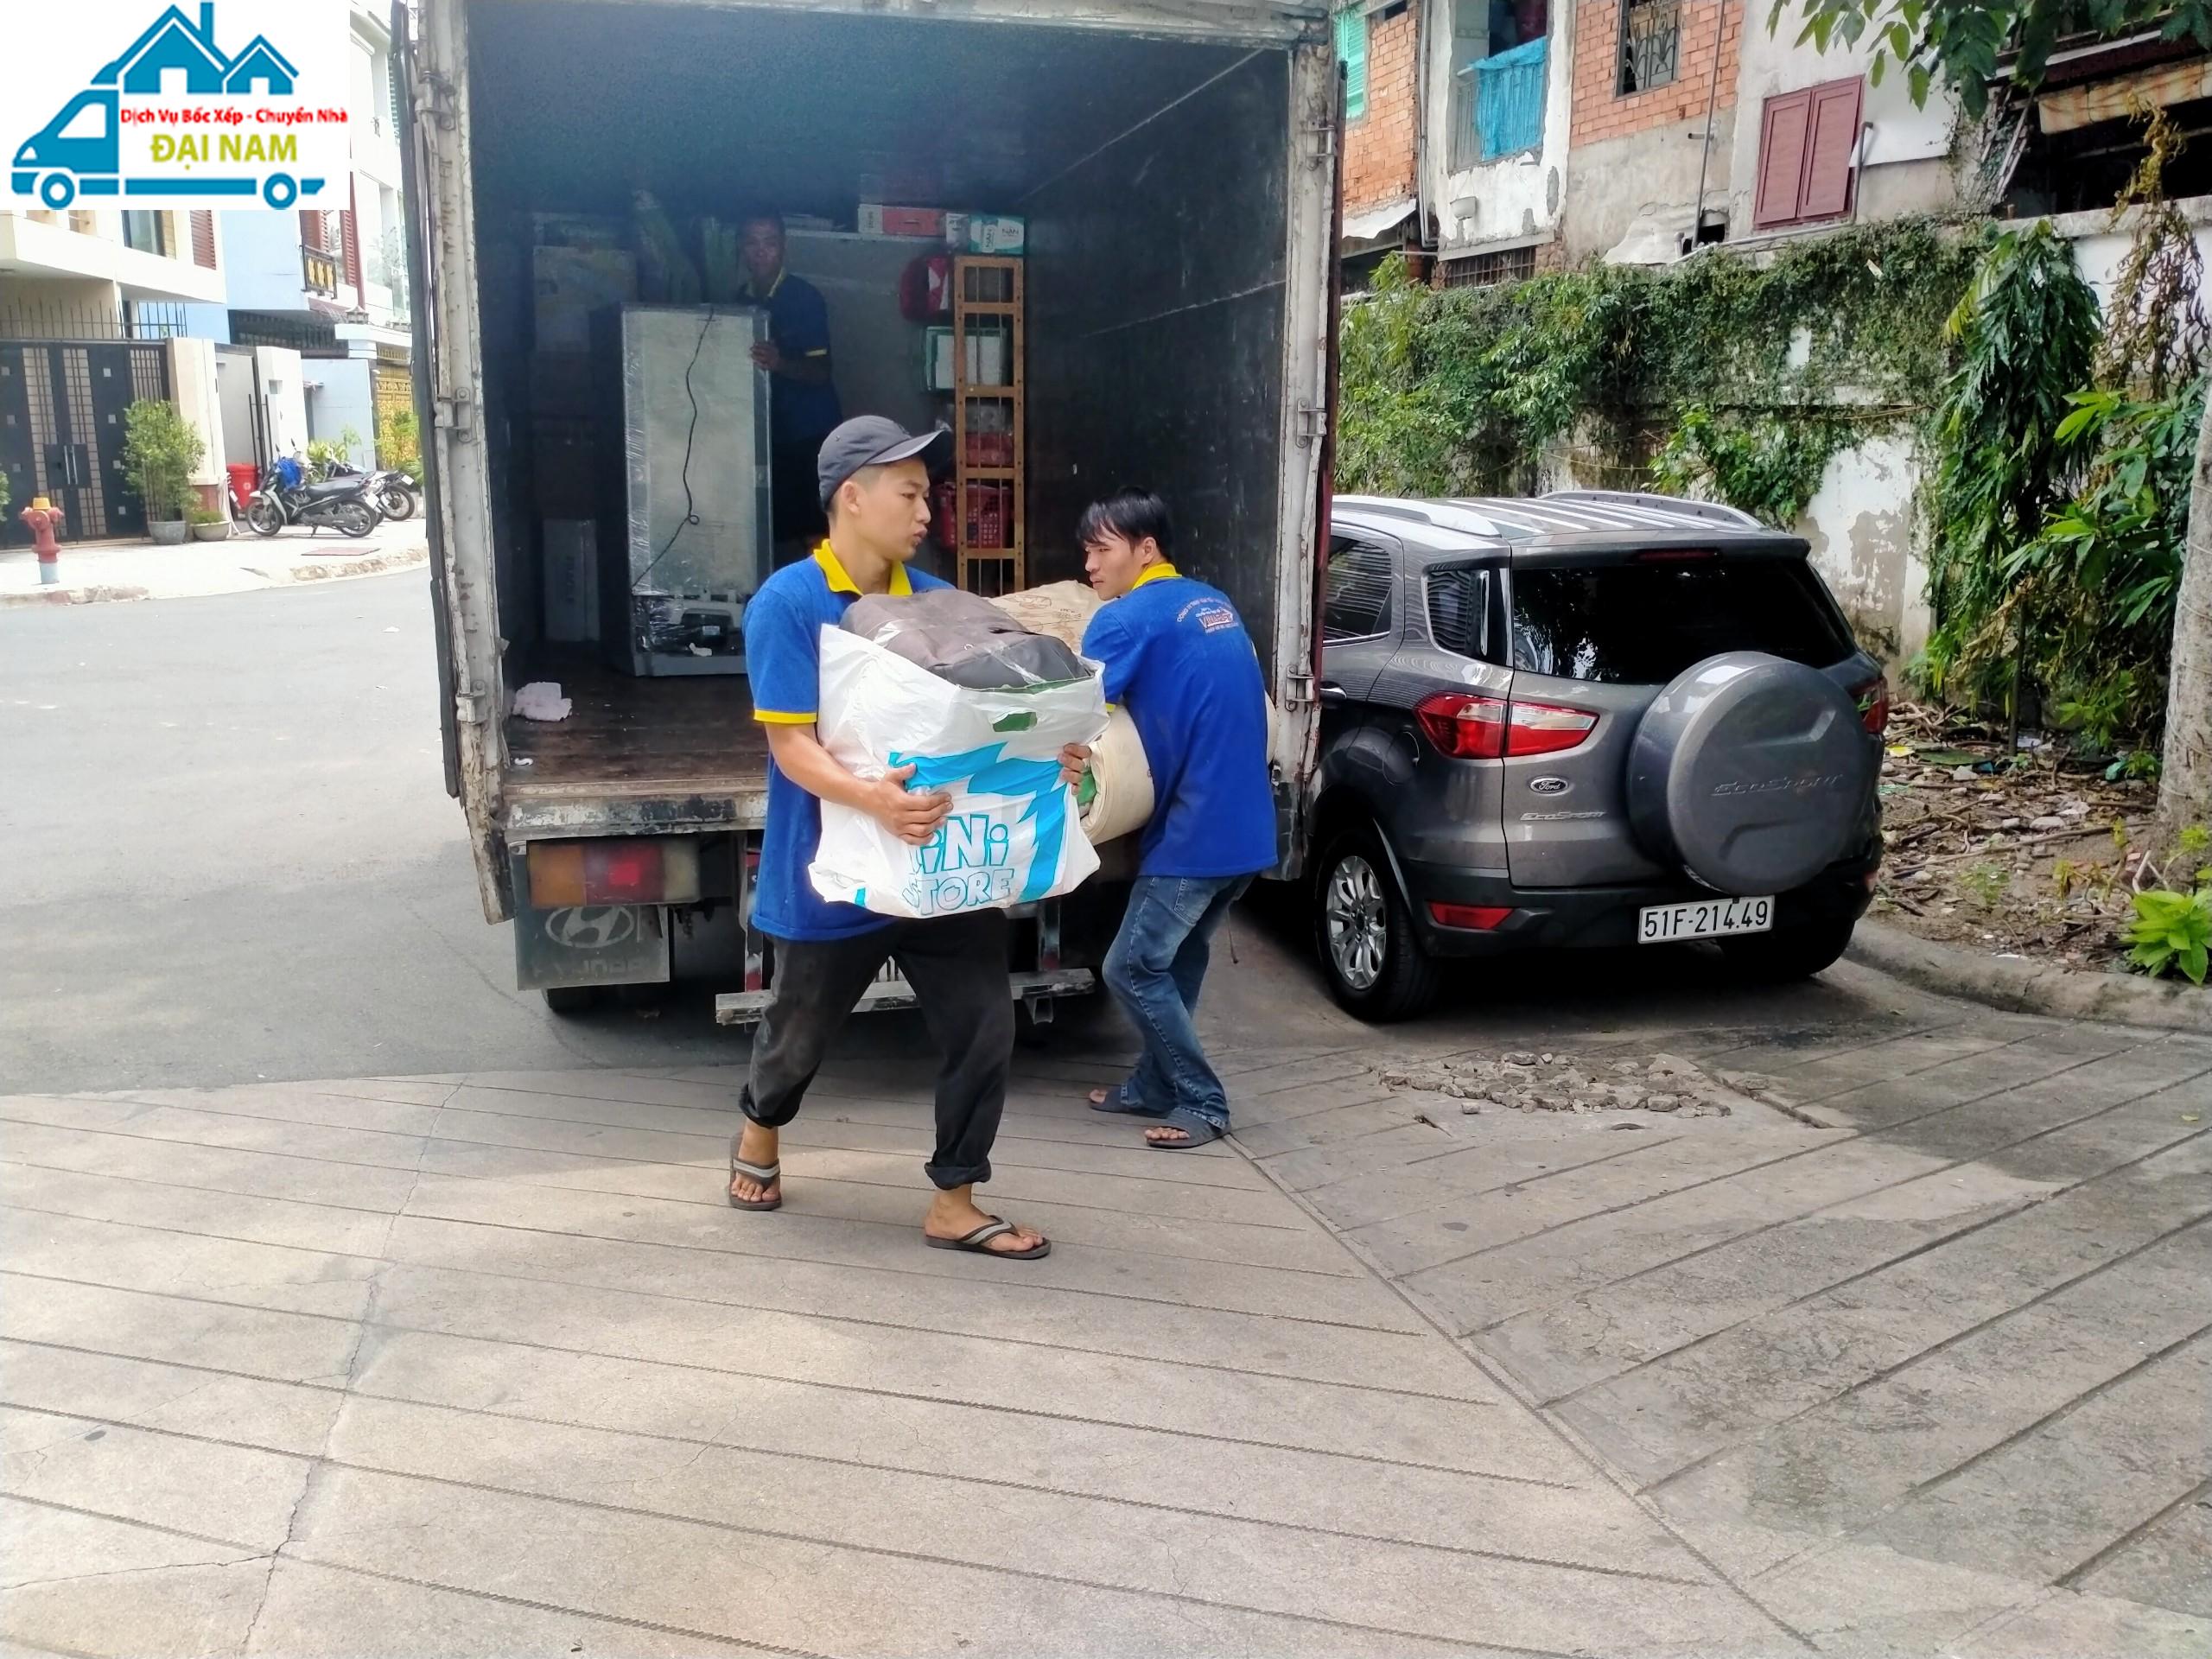 Dịch vụ chuyển nhà quận 10 giá rẻ nhất, nhanh chóng tại Tphcm